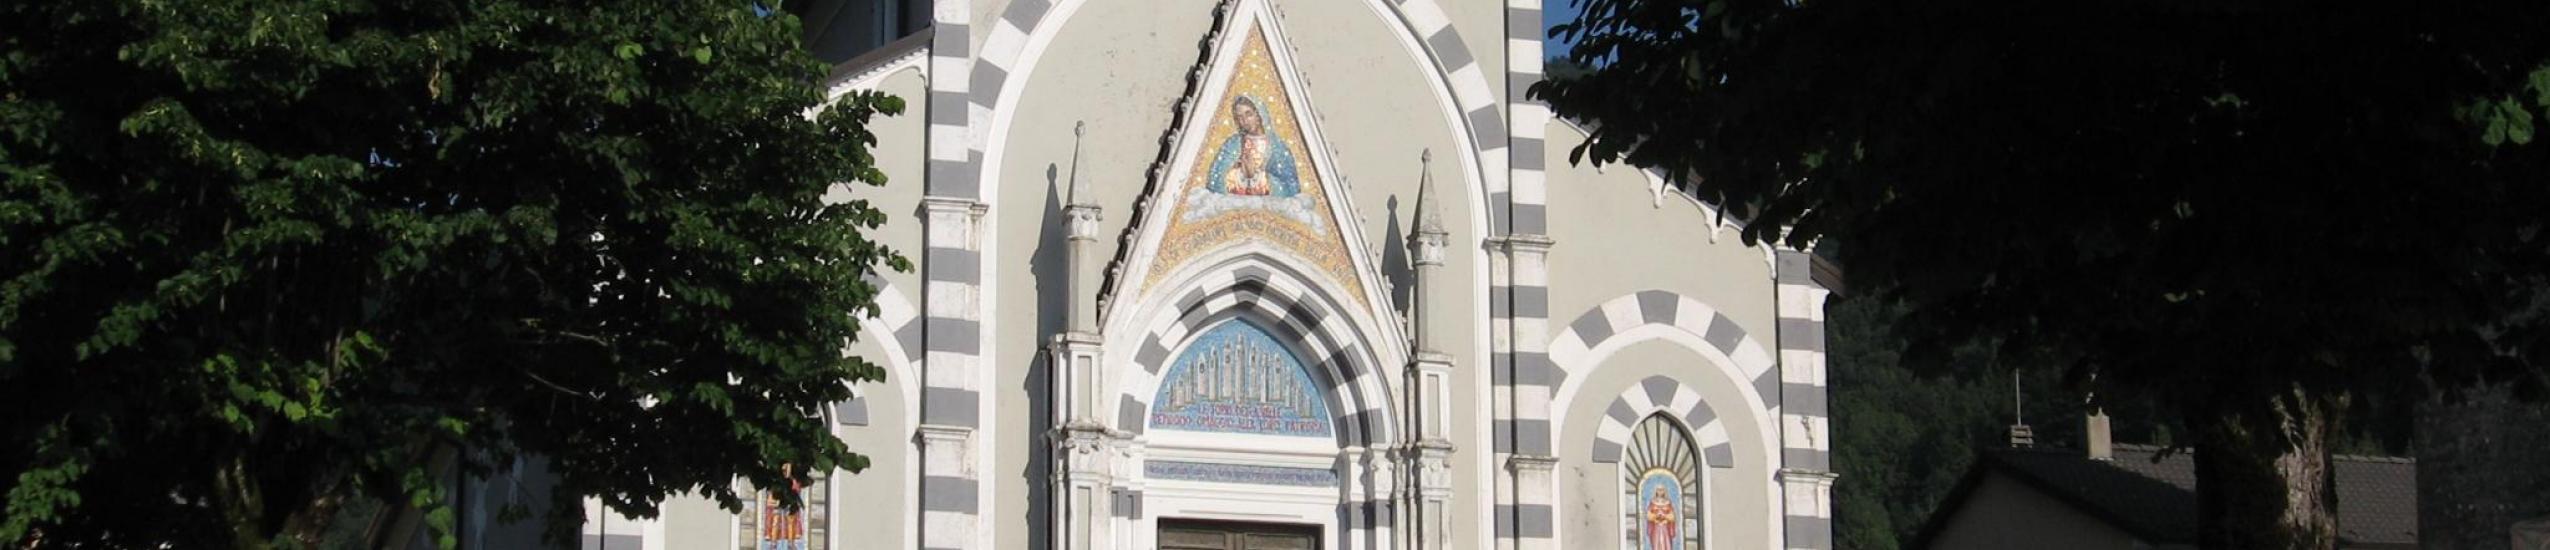 chiesa parrocchiale di santo stefano - santuario di n.s. di guadalupe